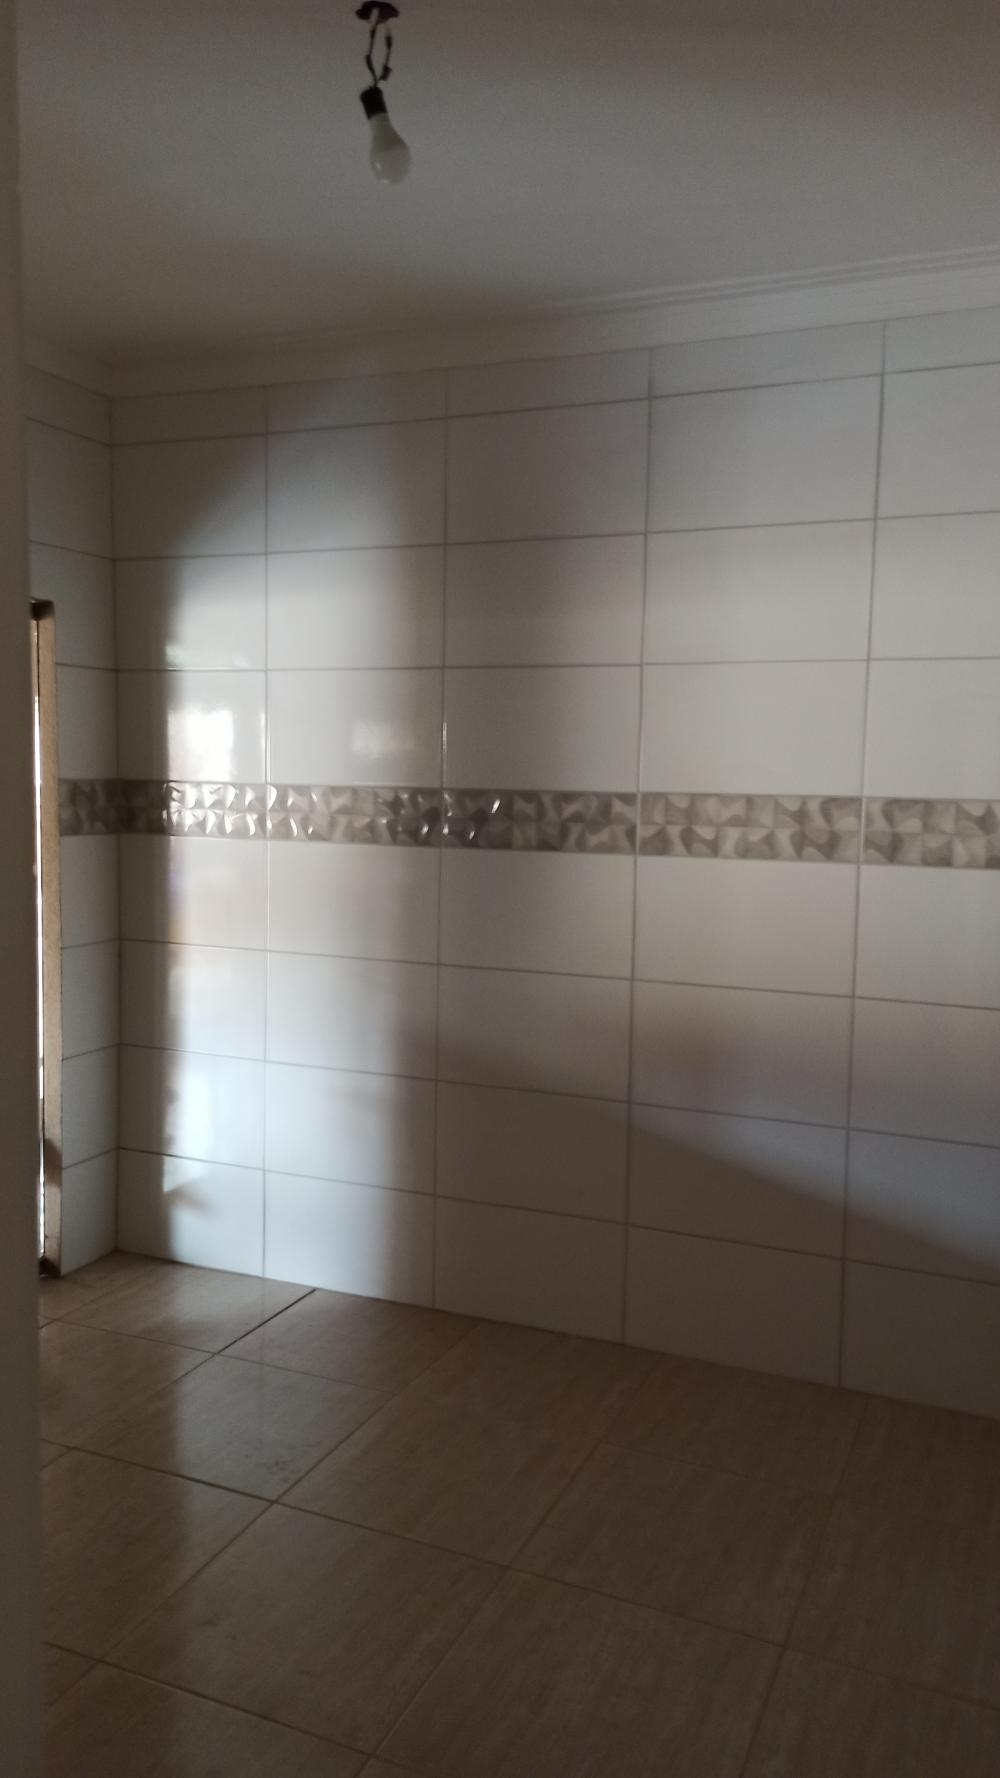 Comprar Casa / Padrão em São José do Rio Preto apenas R$ 260.000,00 - Foto 9